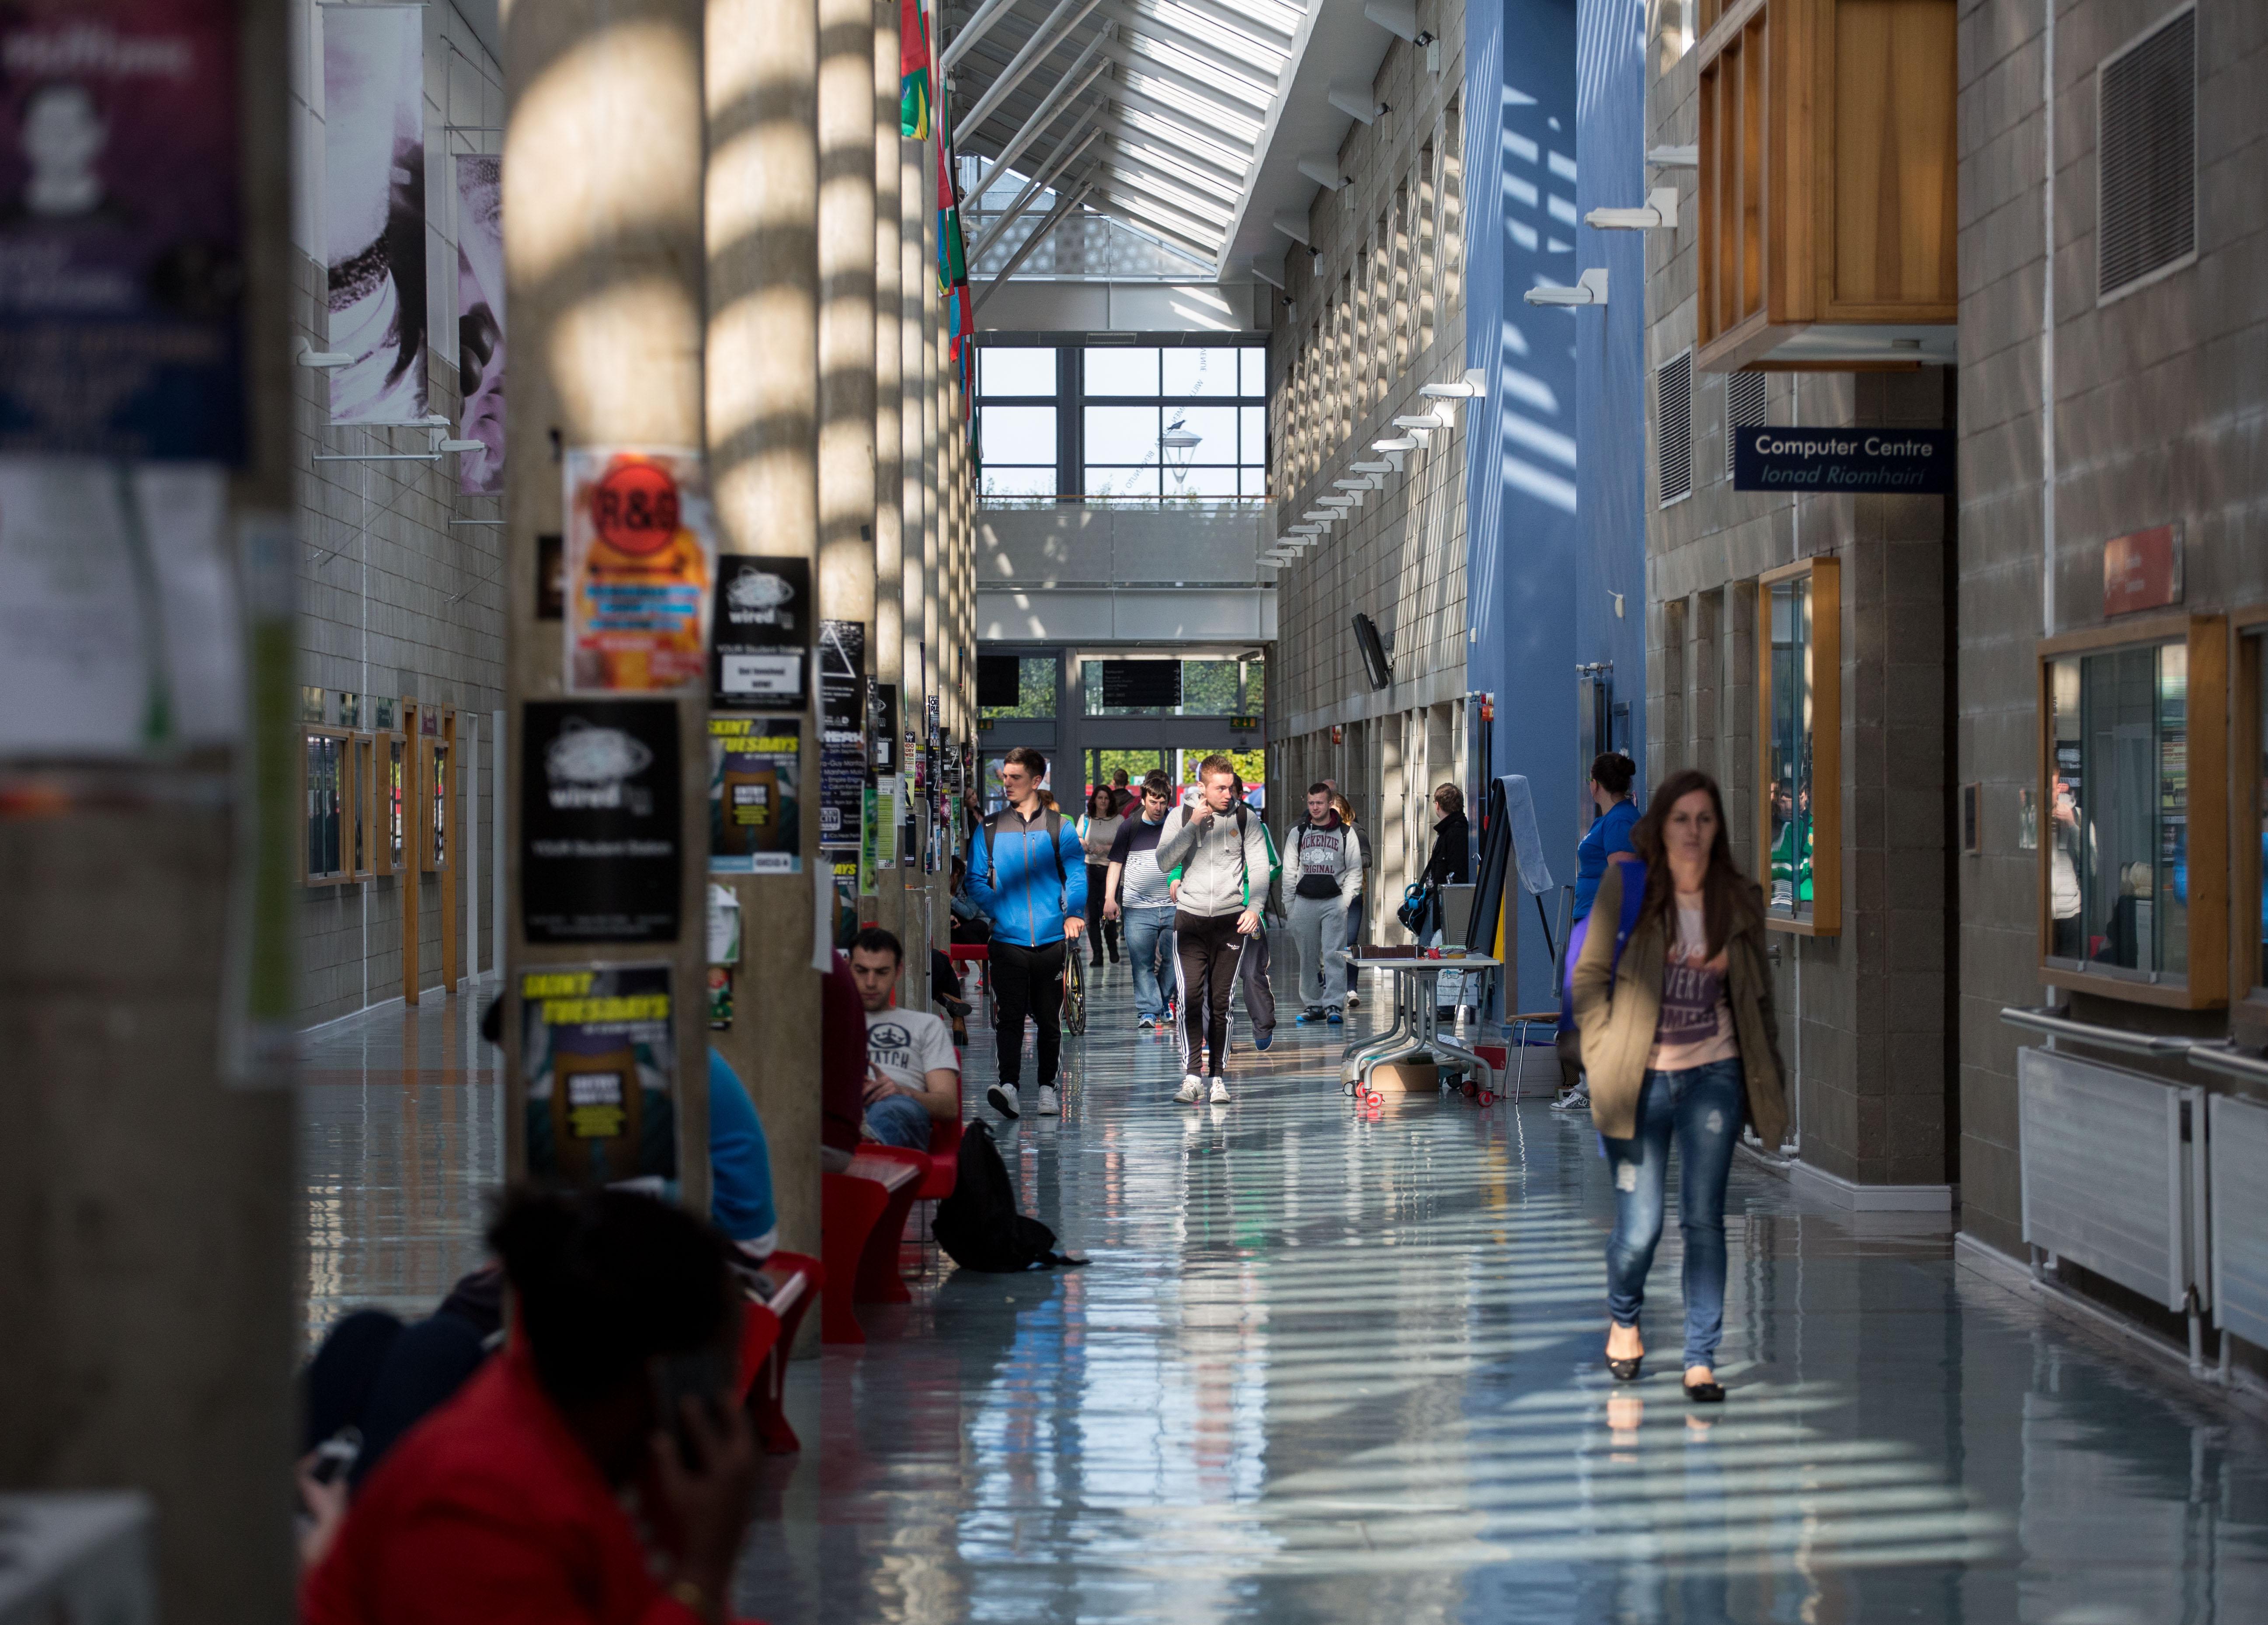 LIT Campus 168